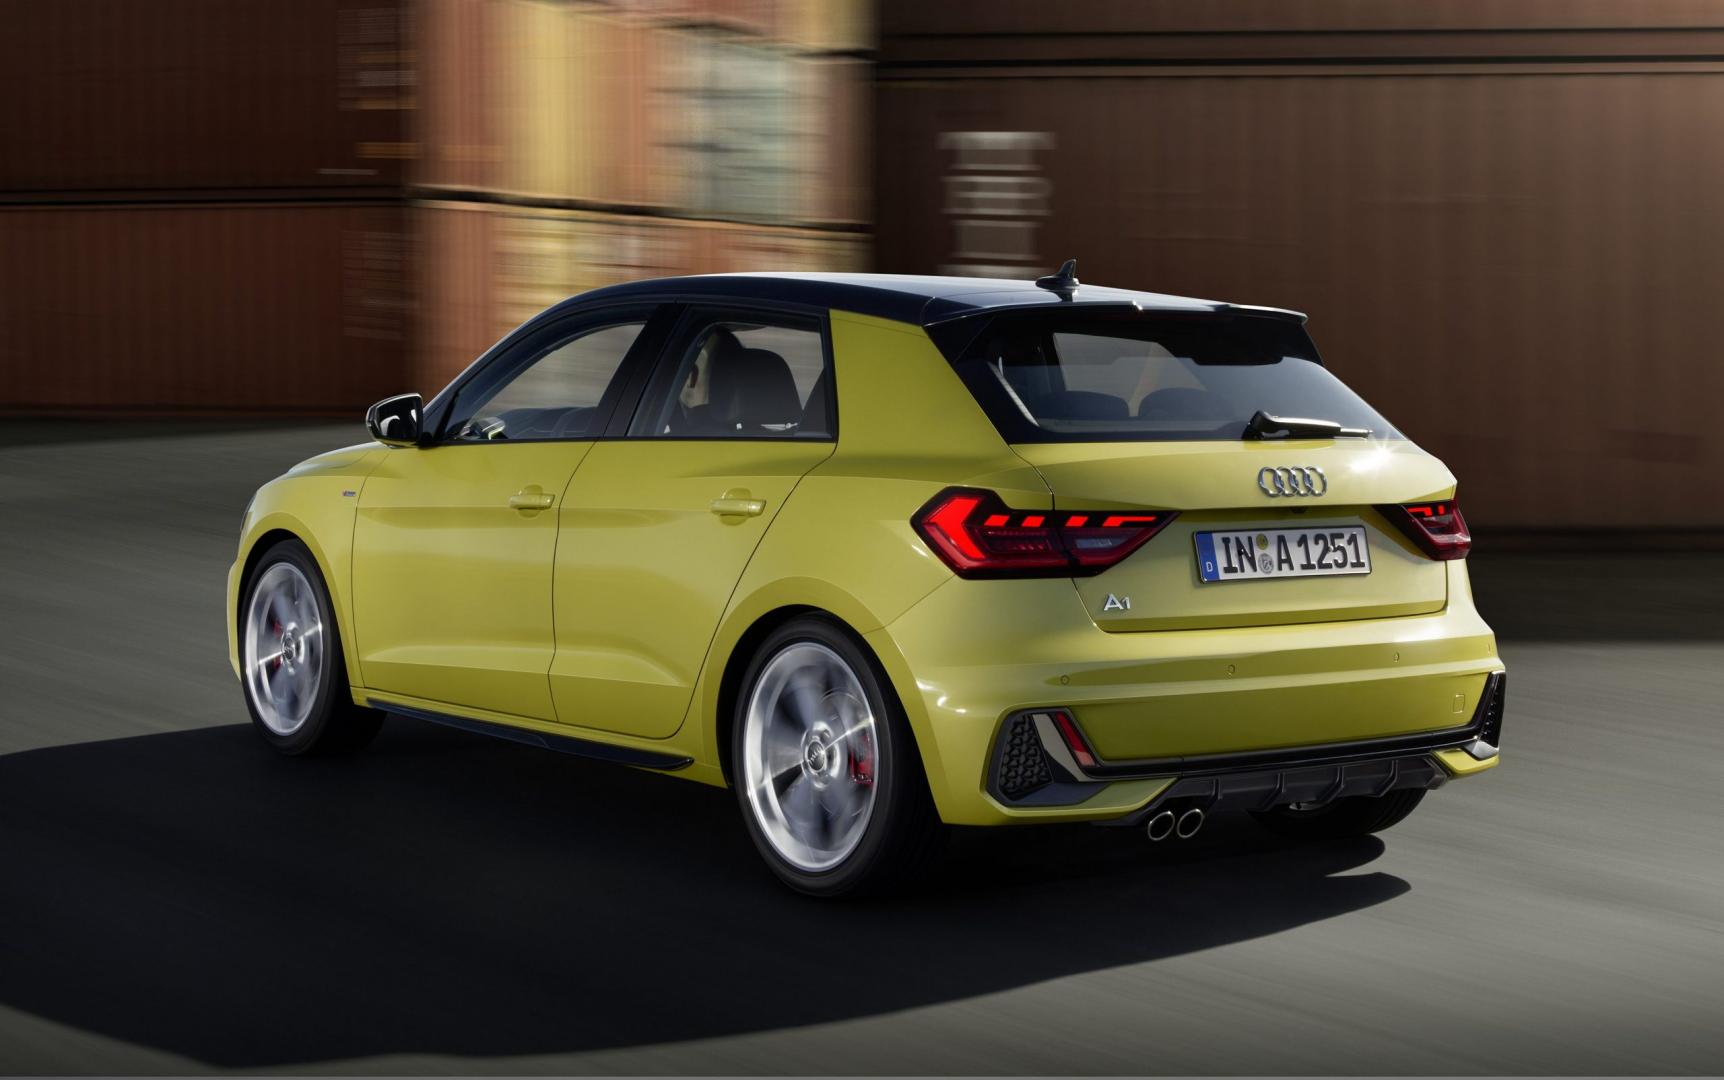 Audi a1 prijs 2018